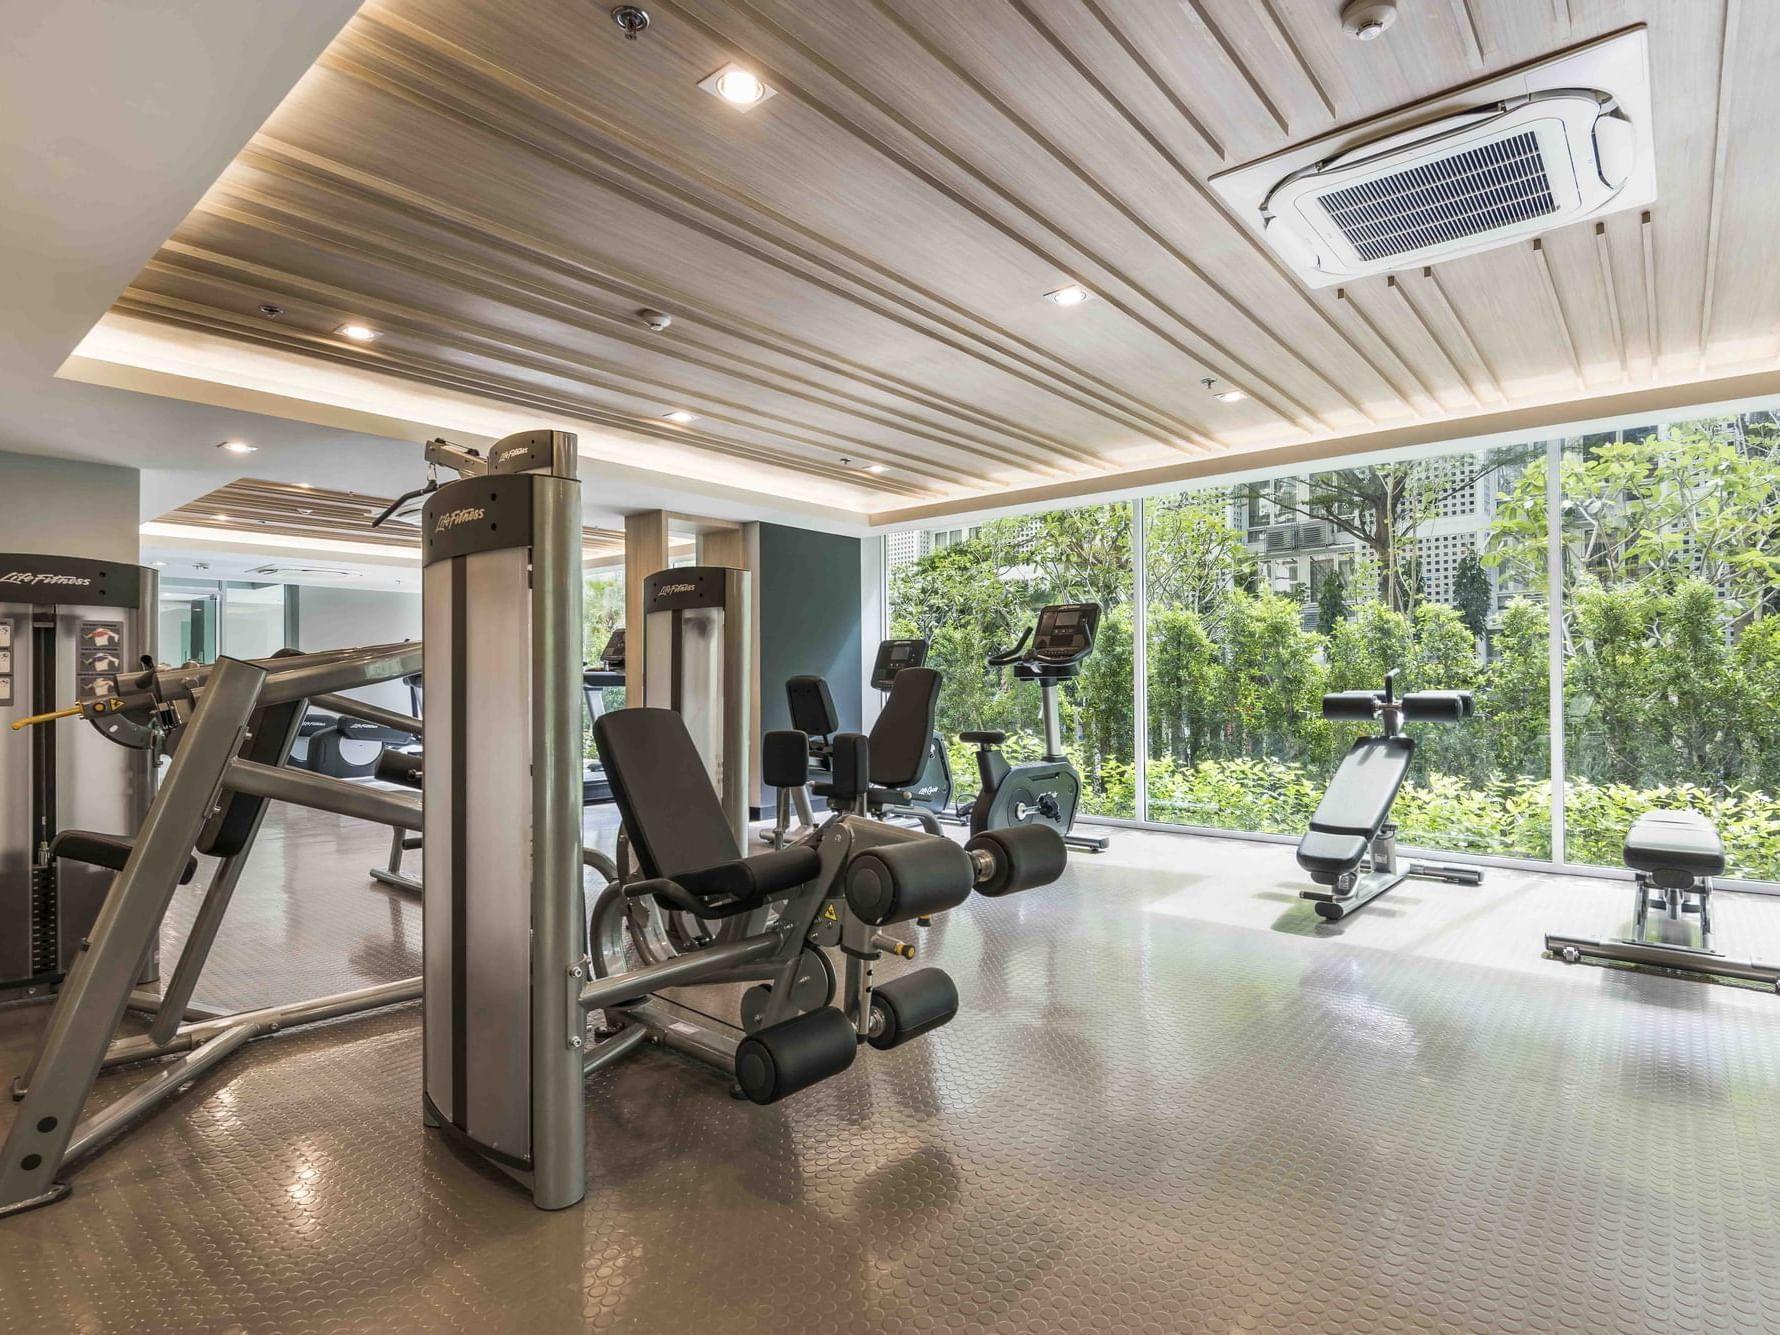 View of Fitness center at Maitria Hotel Rama 9 Bangkok